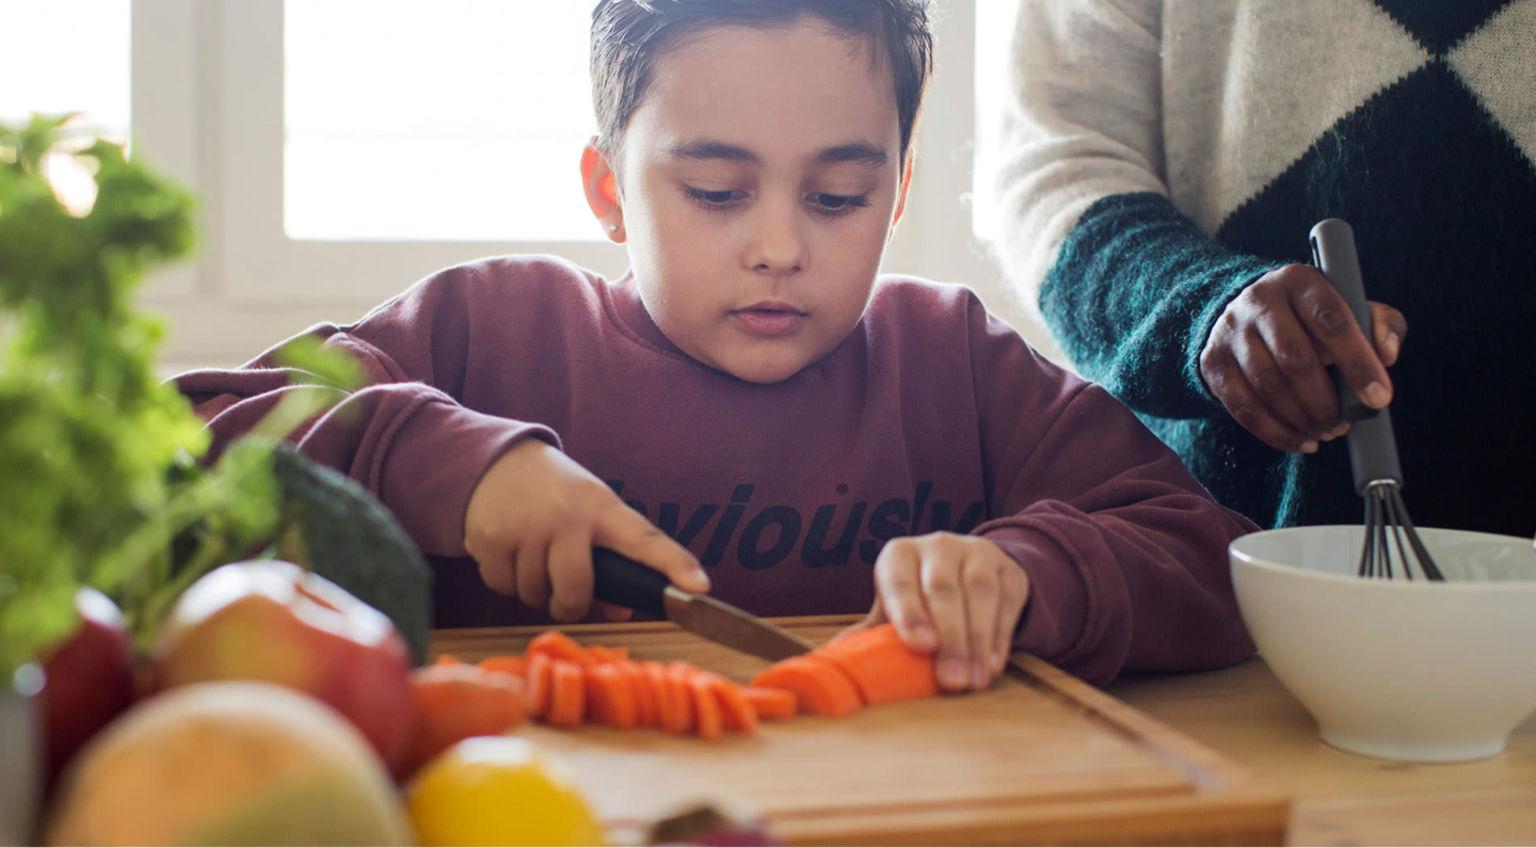 Pojke sitter och skär grönsaker på en skärbräda.